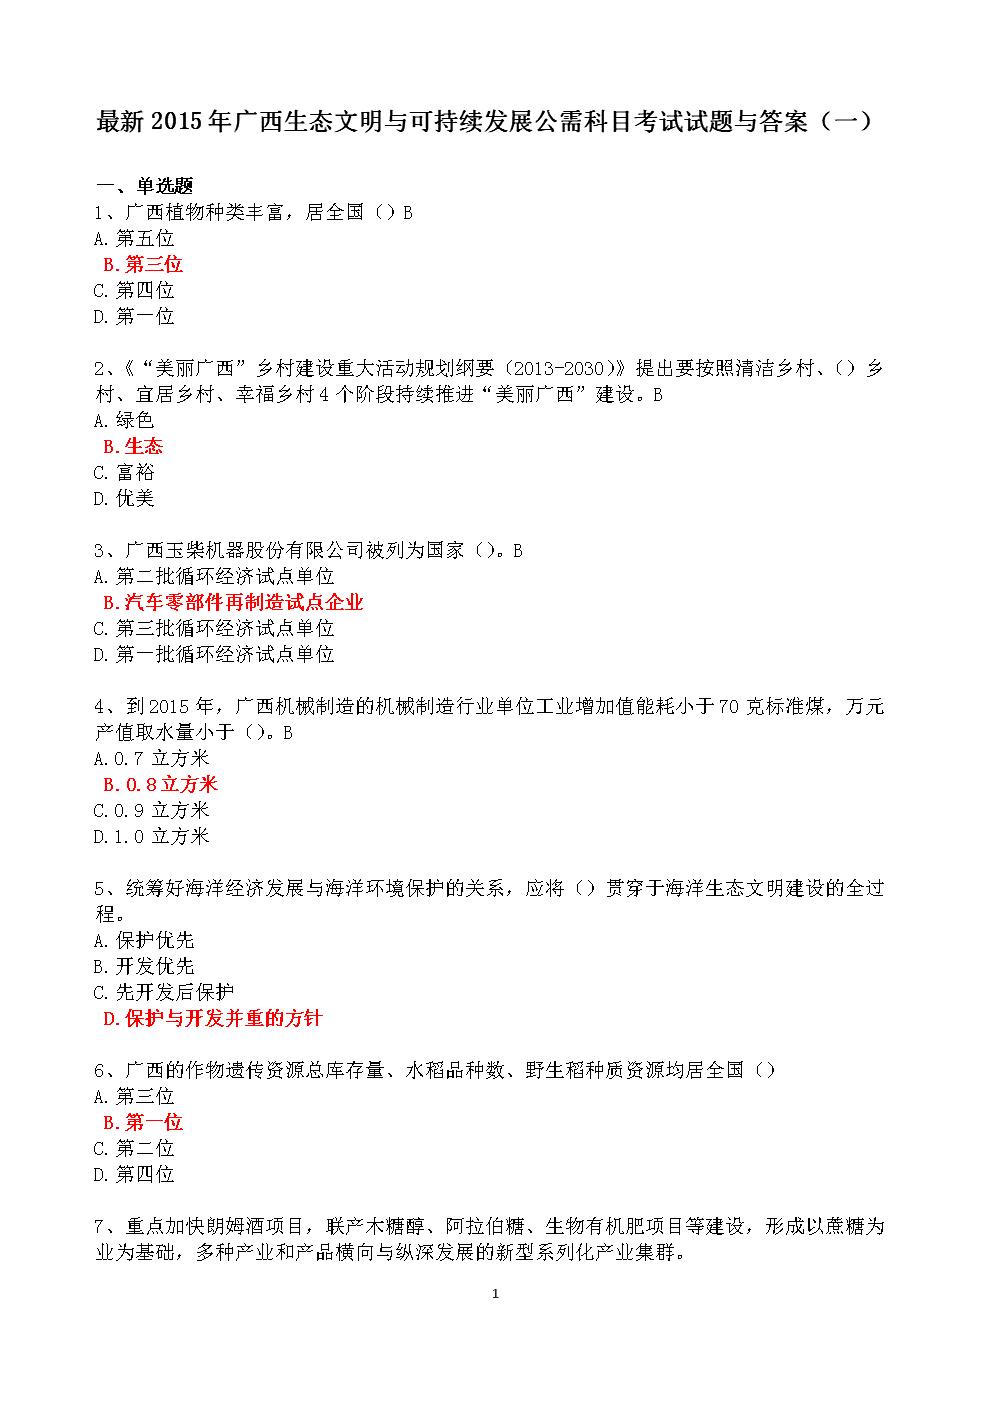 2015年广西生态文明与可持续发展考试题库精选.doc